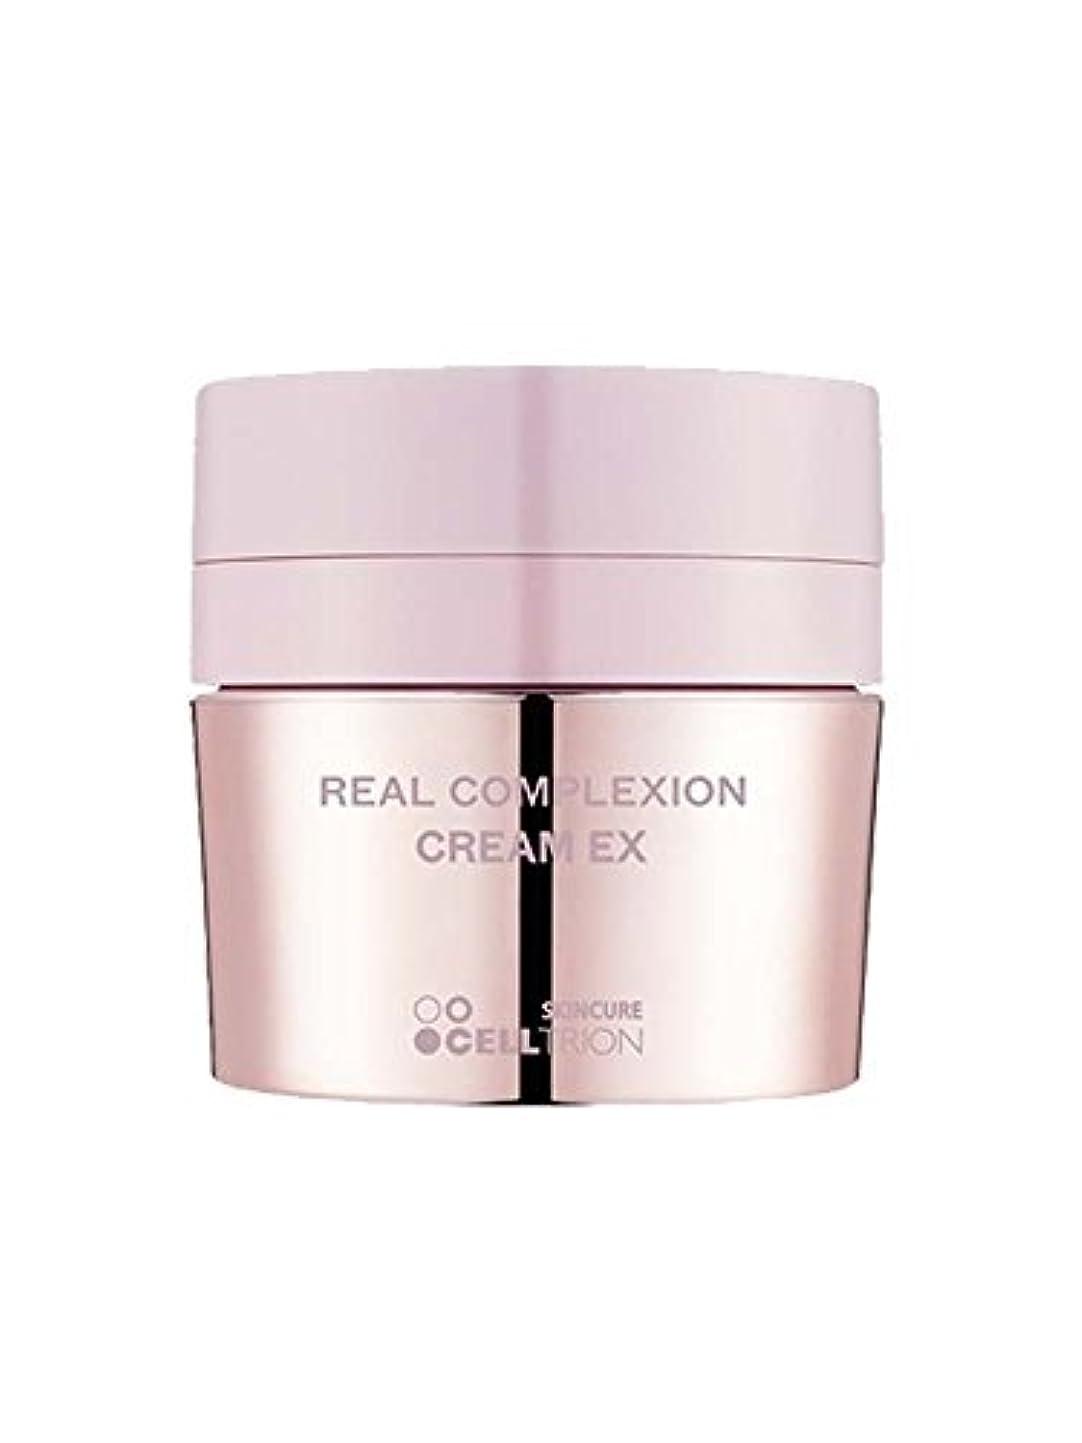 好戦的な頑丈かごHANSKIN Real Complexion cream EX 50ml/ハンスキン リアル コンプレクション クリーム EX 50ml [並行輸入品]